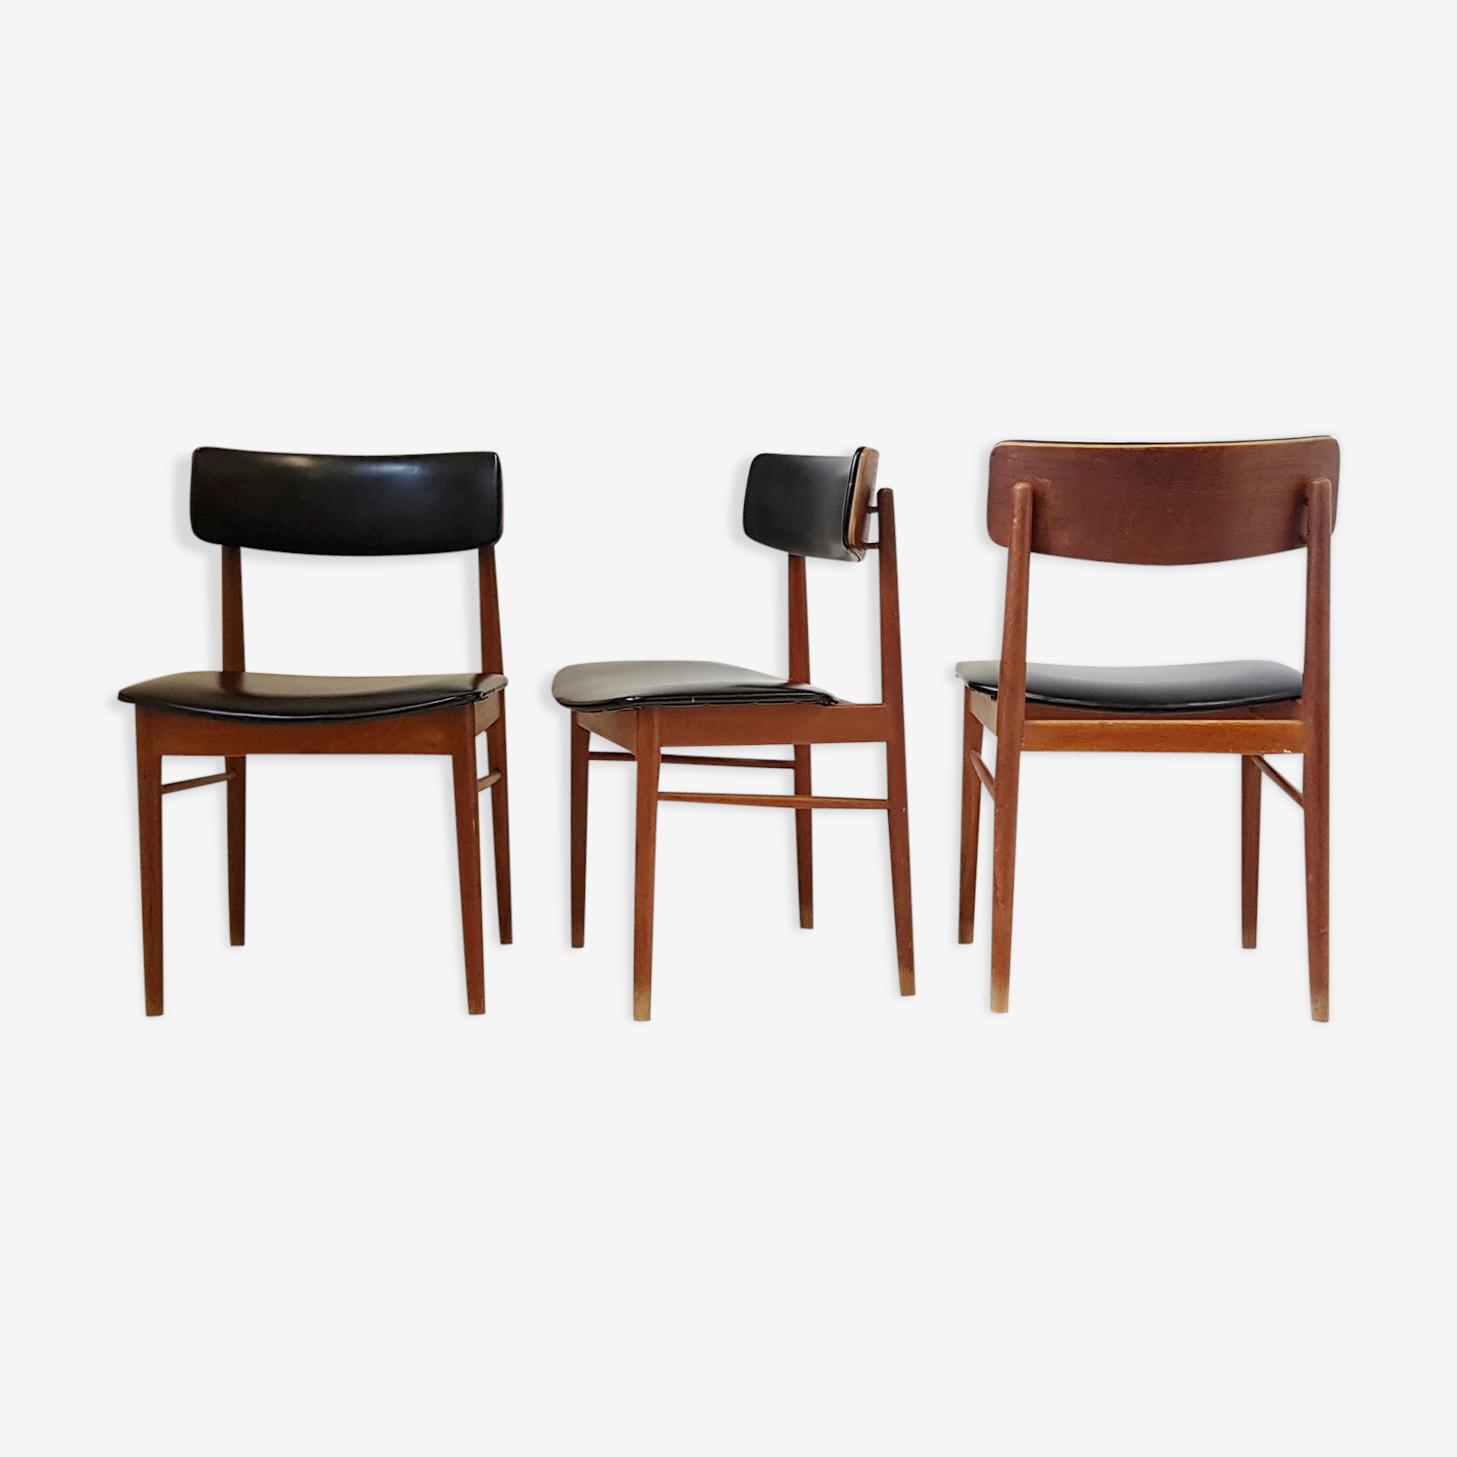 Suite de 3 chaises de S. Chrobat pour Sax 1960 vintage